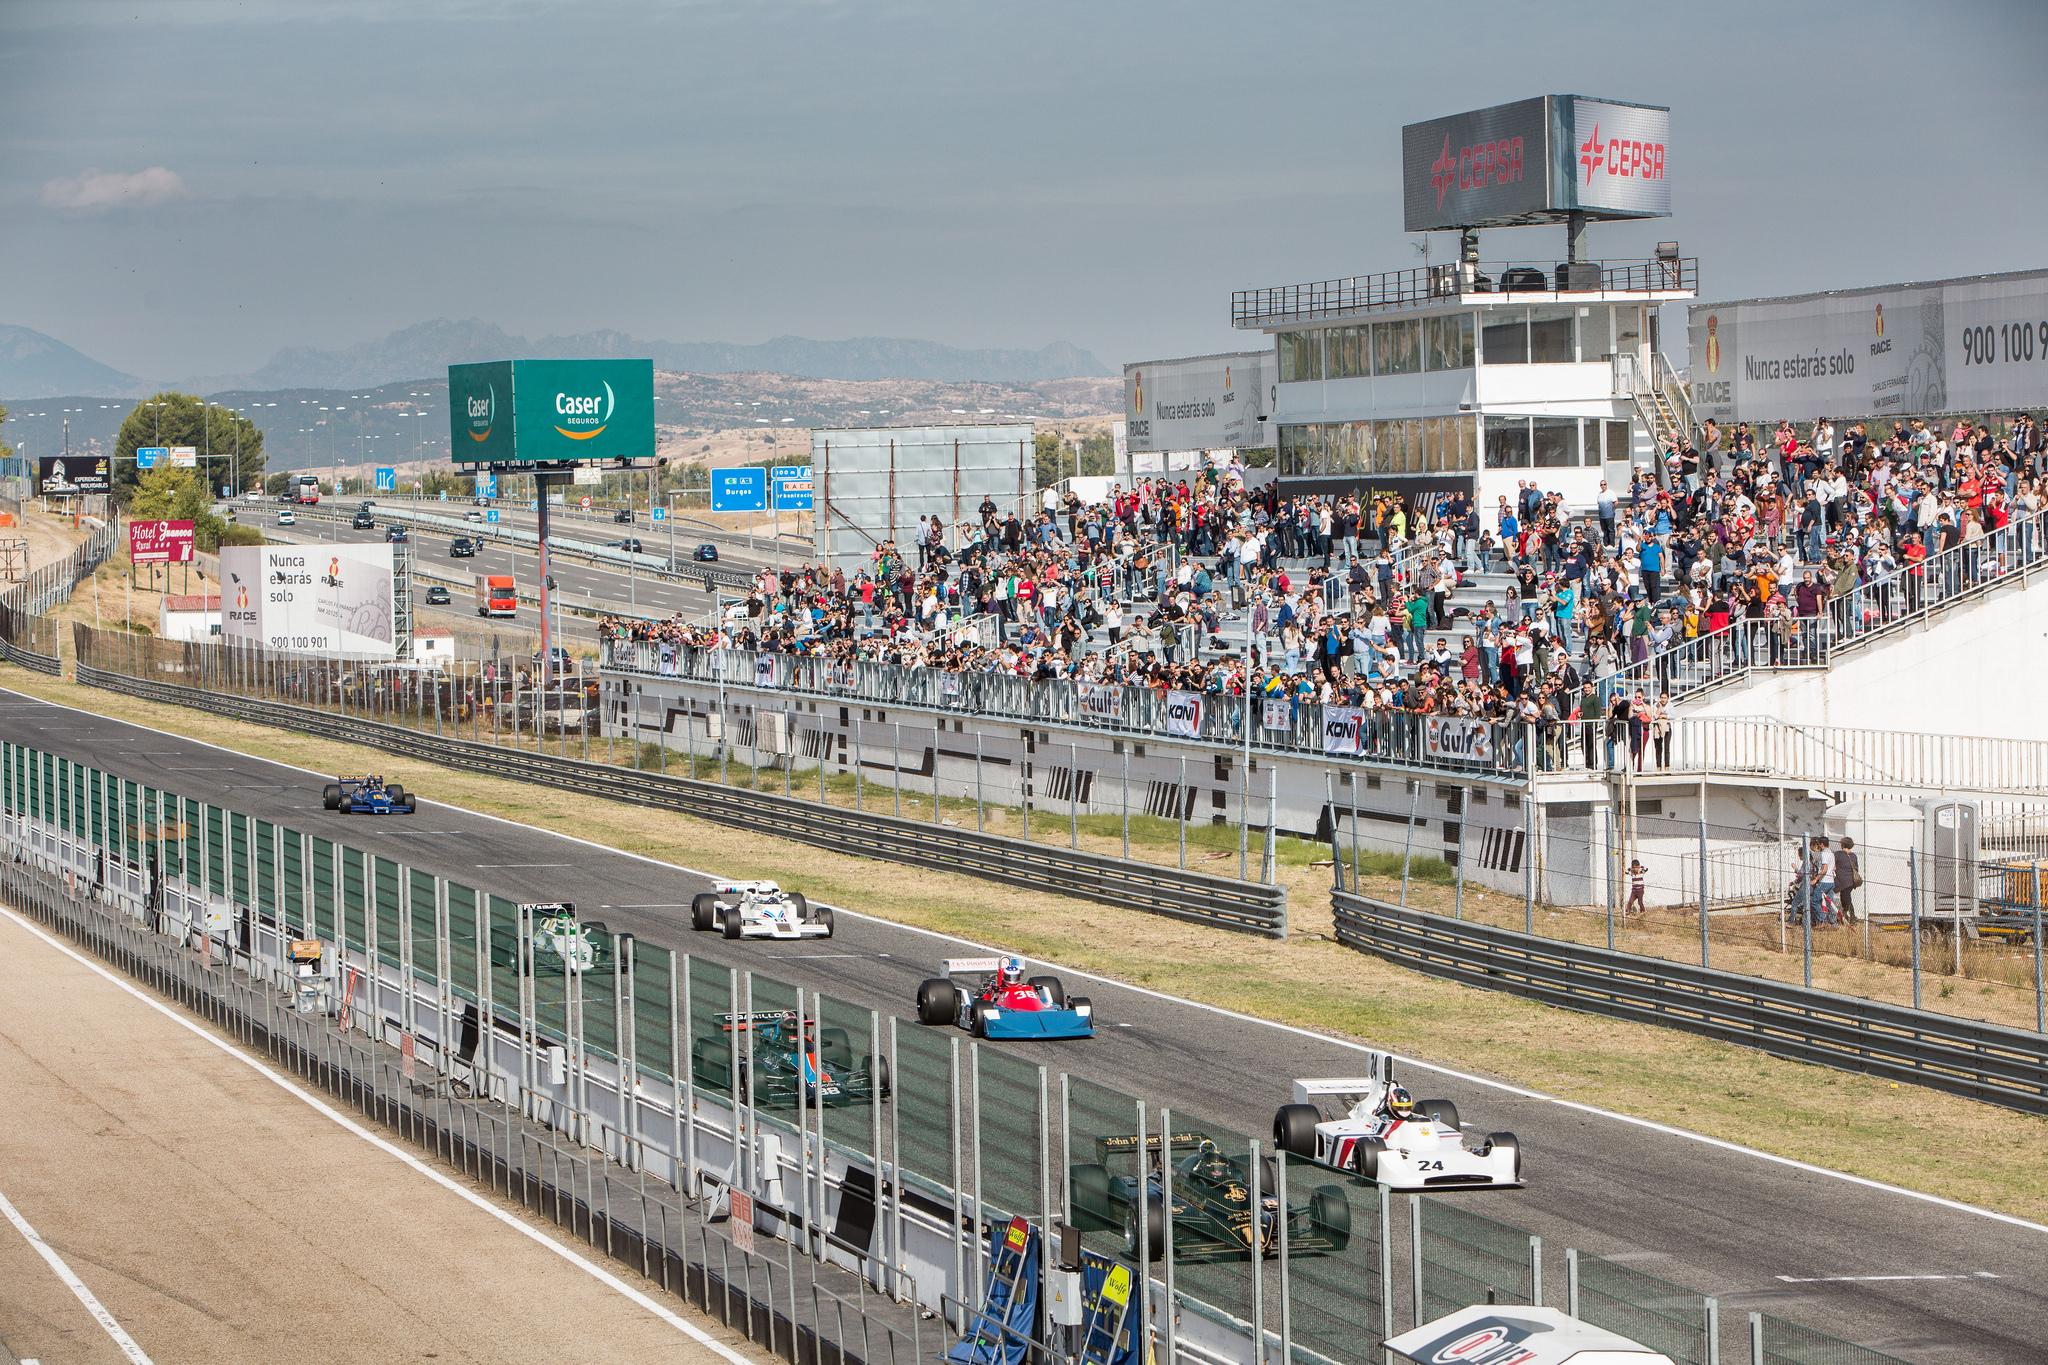 Circuito Jarama : El espíritu del jarama celebra los años del circuito